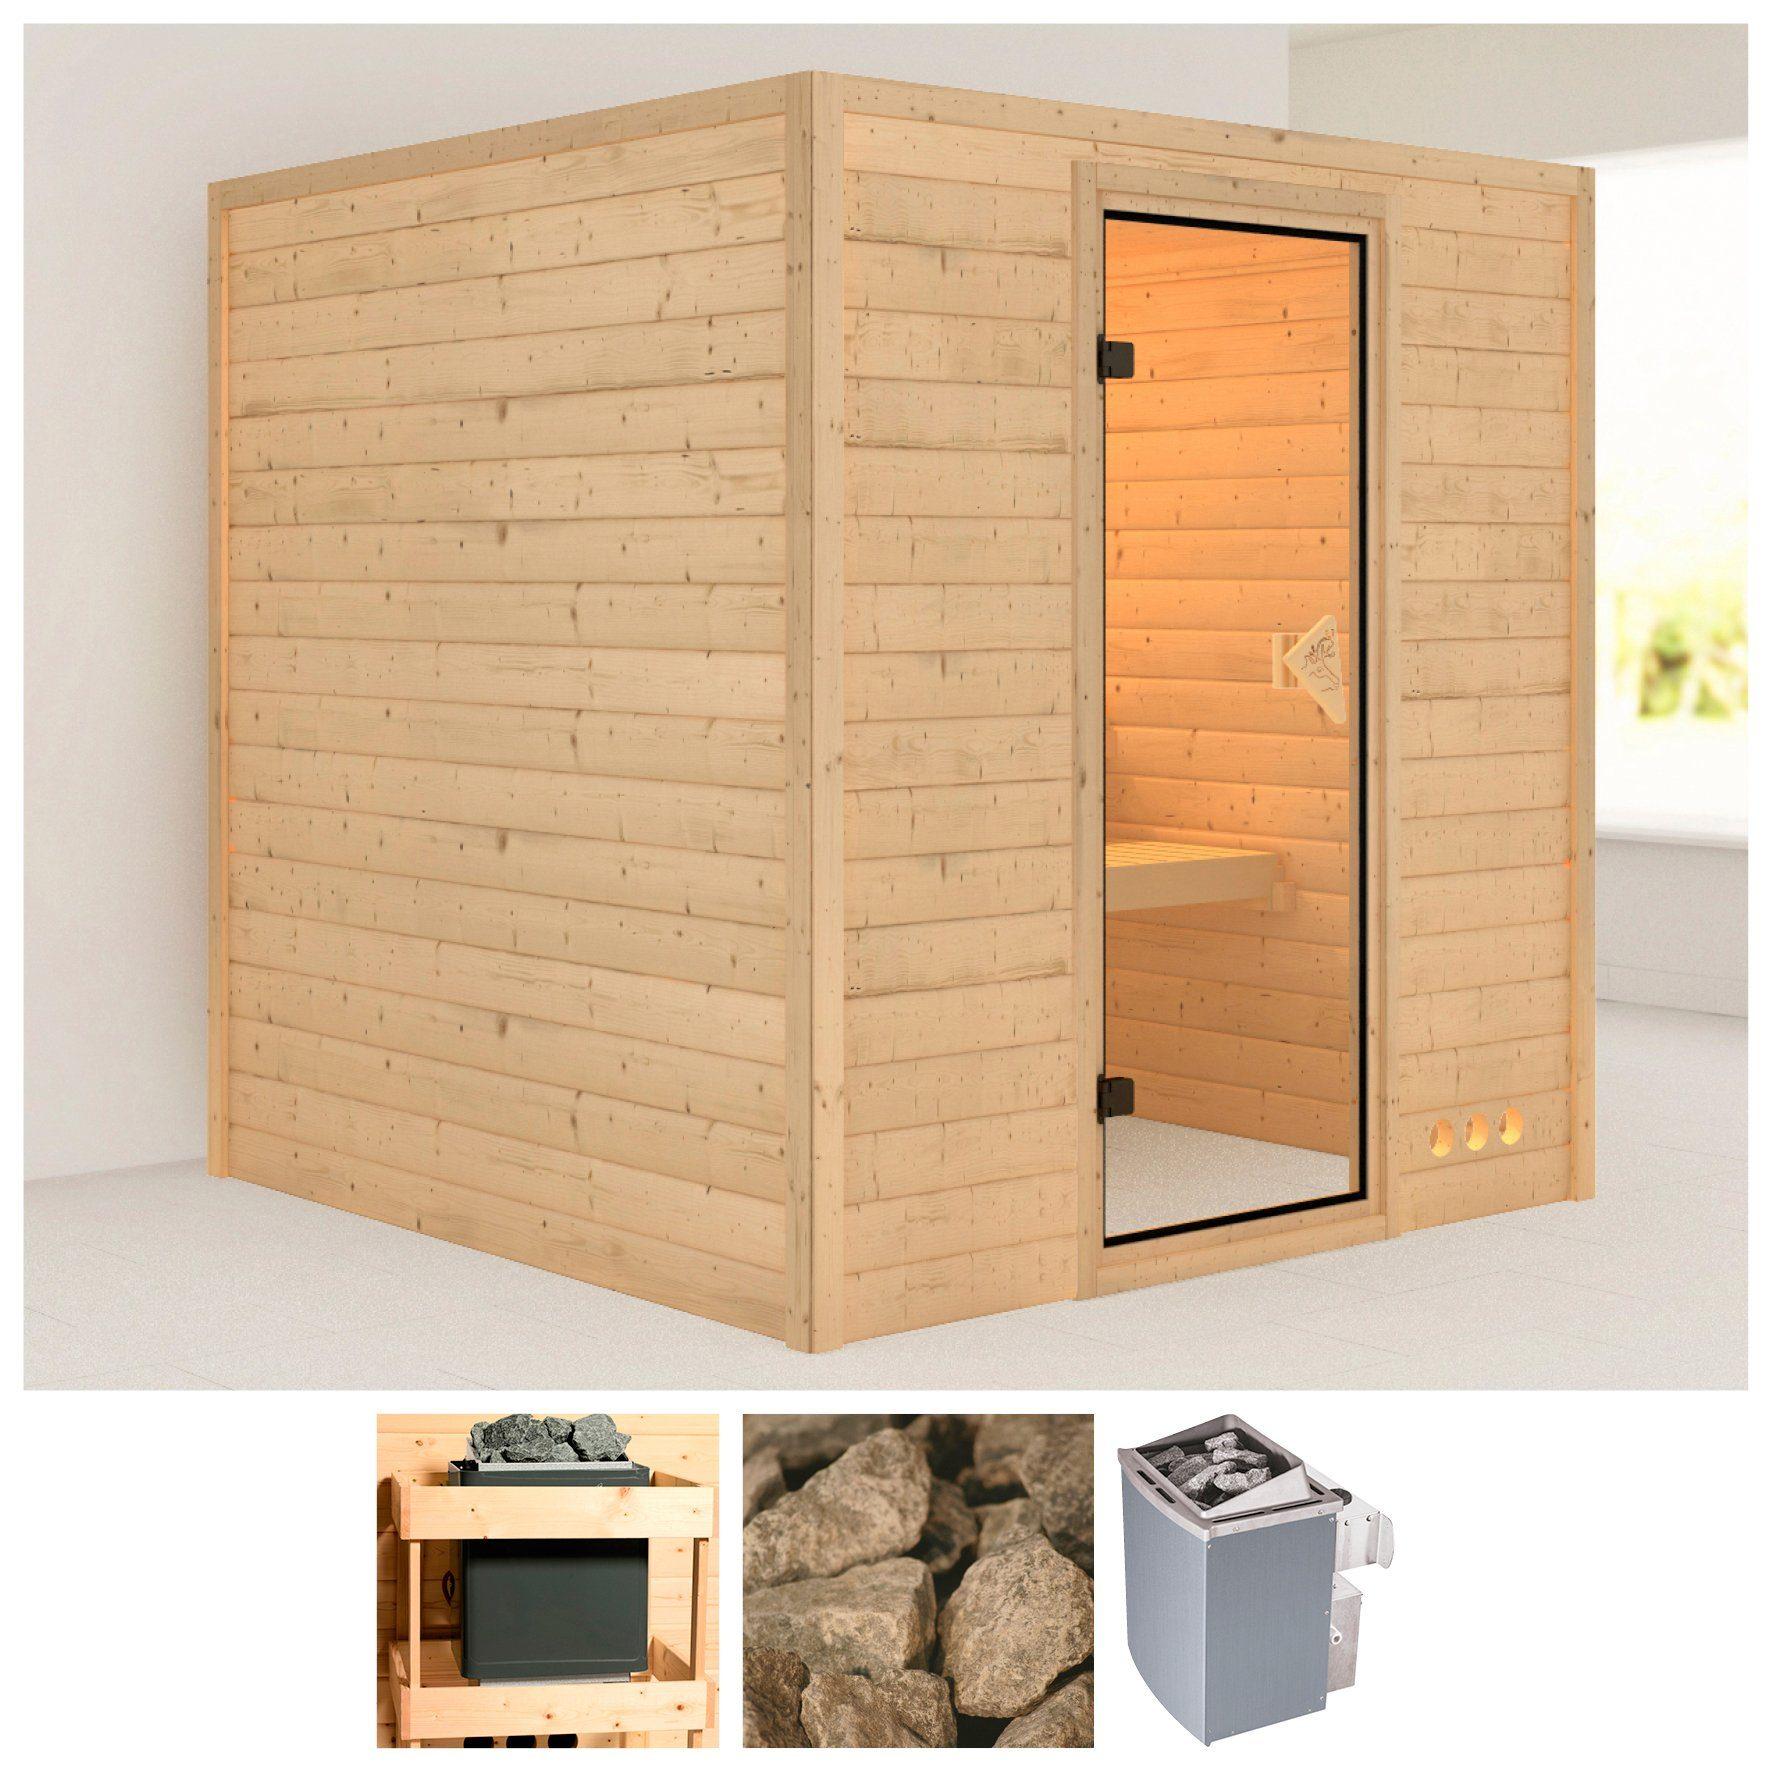 KARIBU Sauna »Nora«, 196/196/200 cm, 38 mm, 9-kW-Ofen mit int. Steuerung